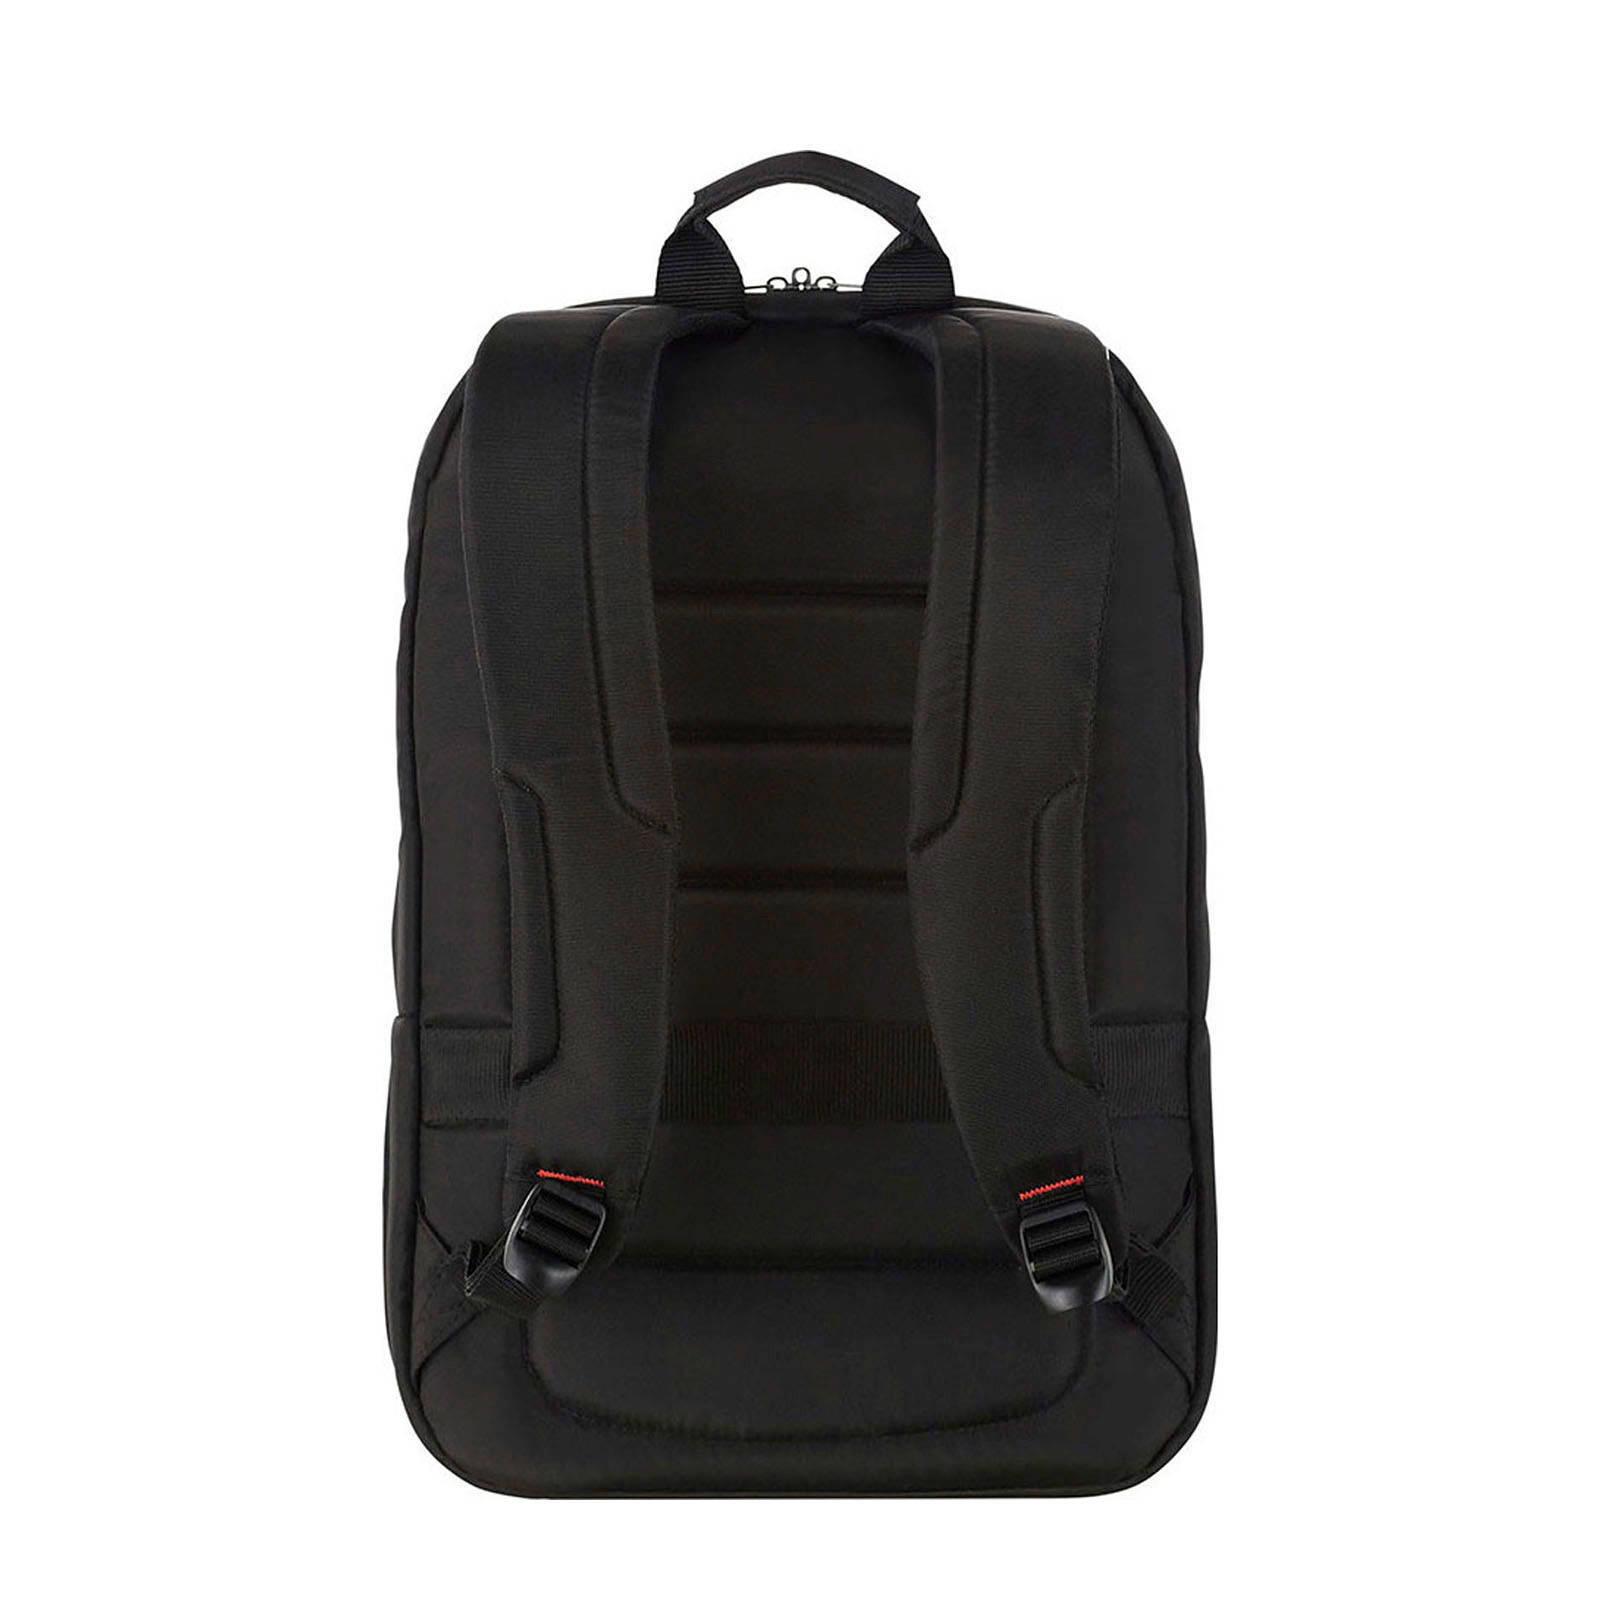 62b10c07bfd Samsonite GuardIT 2.0 17,3 inch laptoptas rugzak | wehkamp